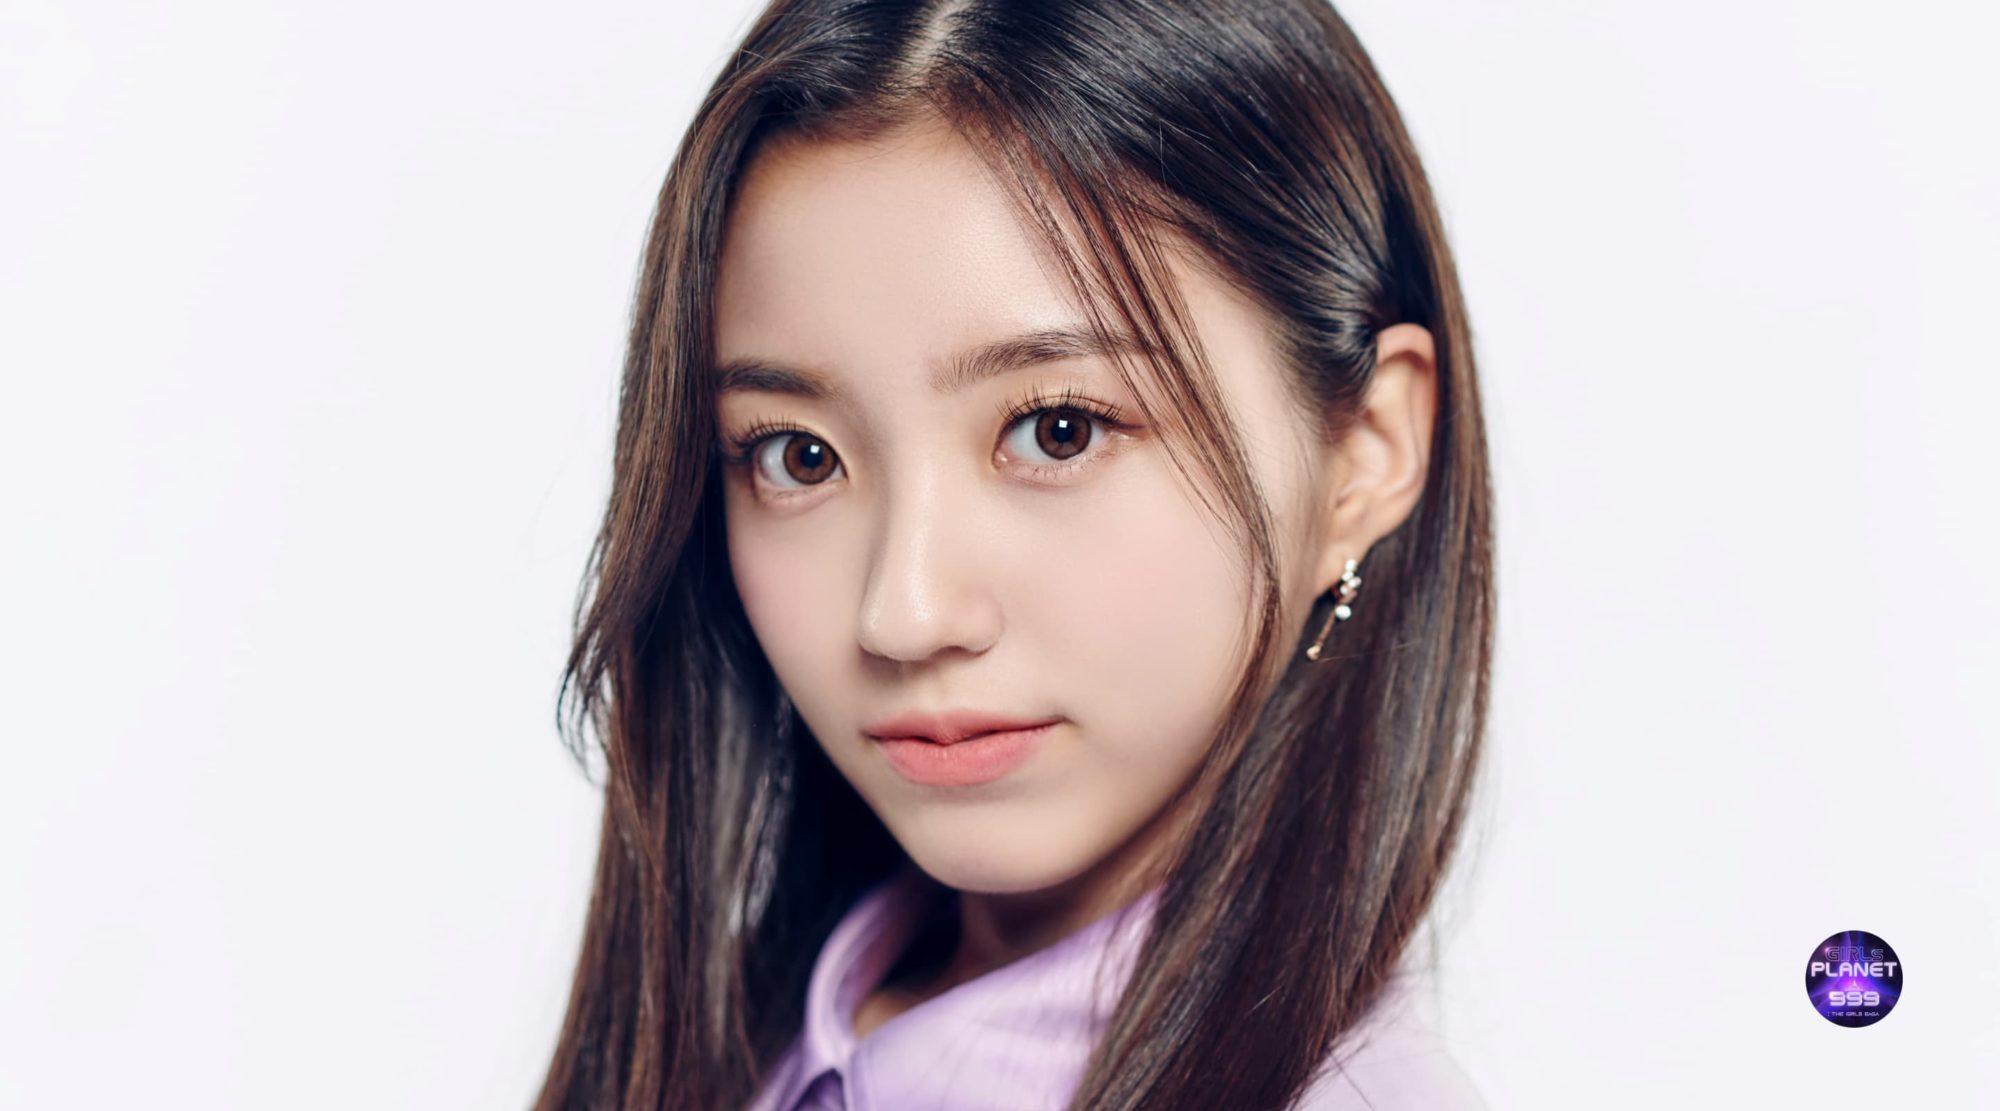 Kang Yeseo Girls Planet 999